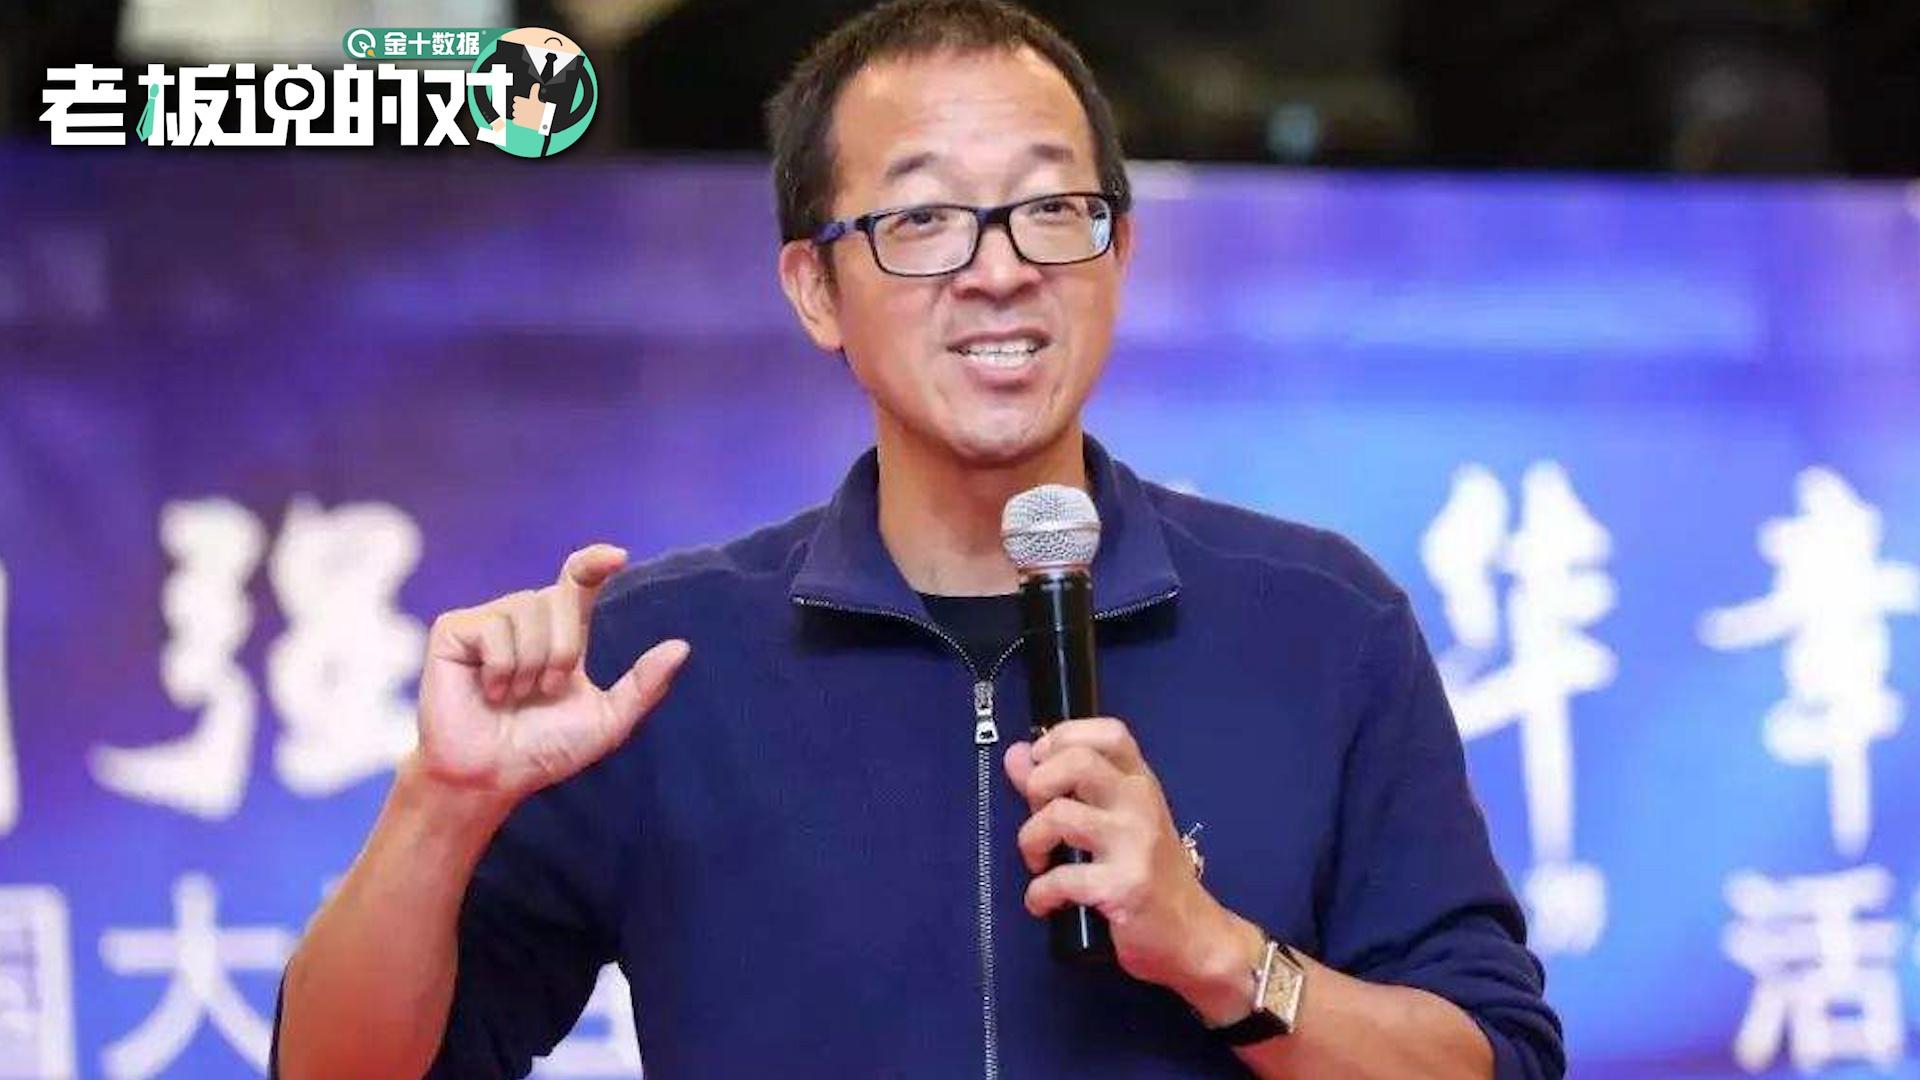 俞敏洪:我不买私人飞机、私人游艇!省下的5000万可以给农村孩子